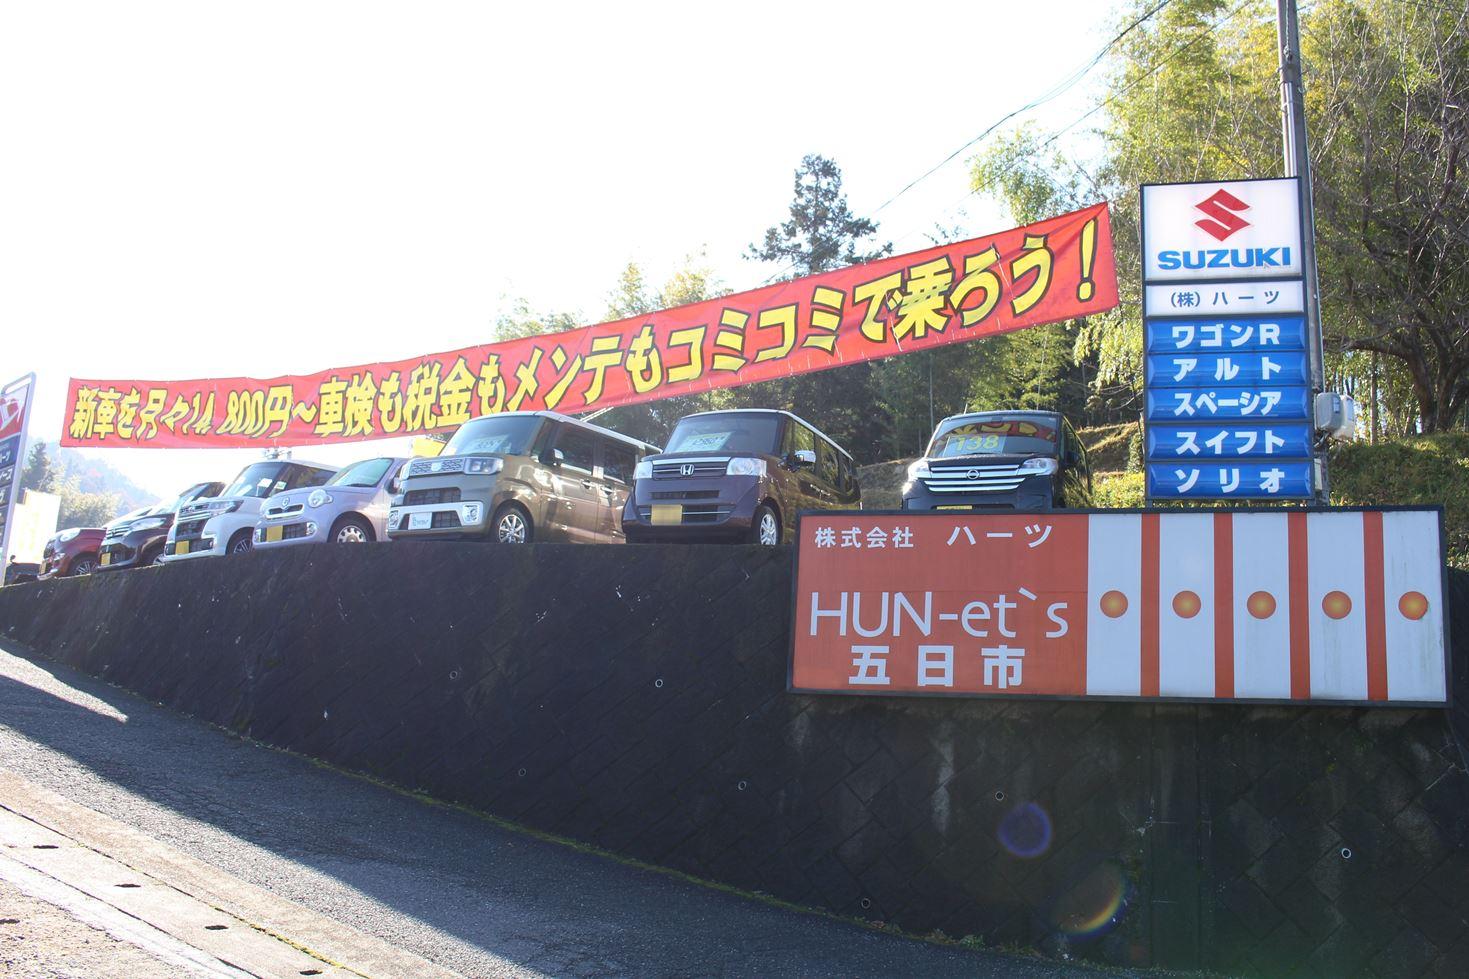 ヒューネット五日市 株式会社 ハーツ